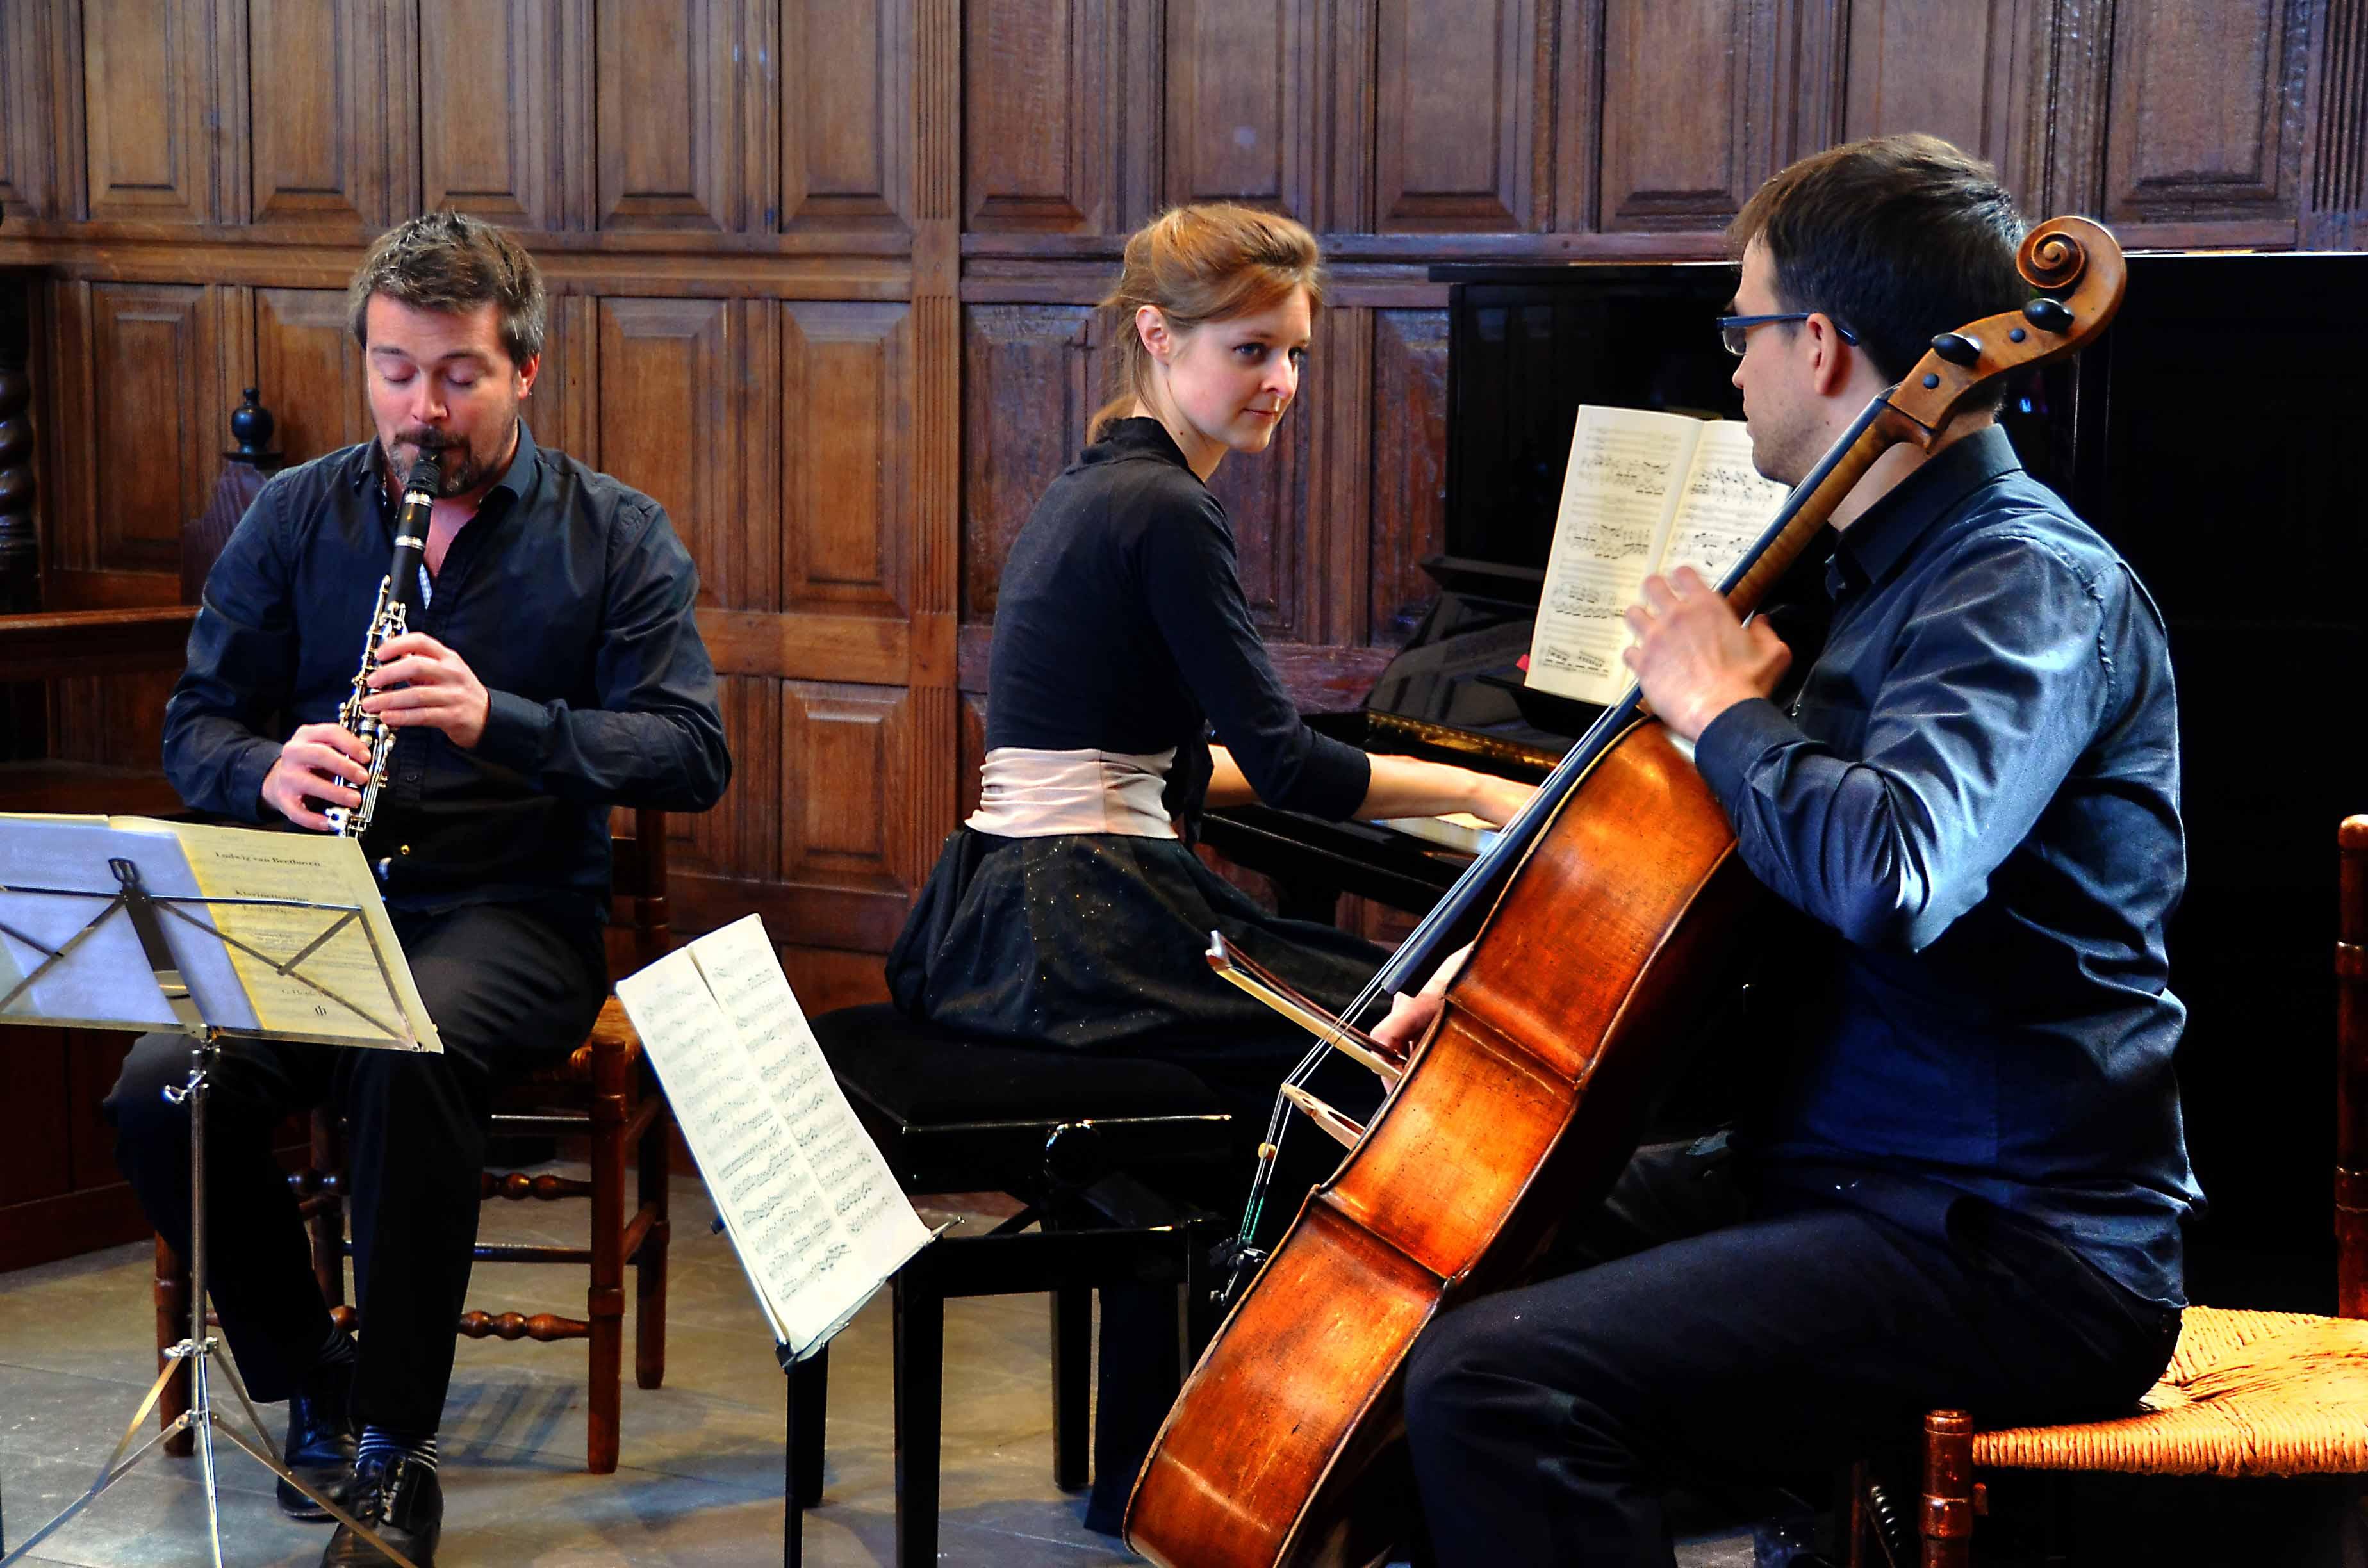 Het Arcadië trio treedt zondag 11 november op in het Groene kerkje in Lambertschaag. (Foto: Hieke Bijlsma)